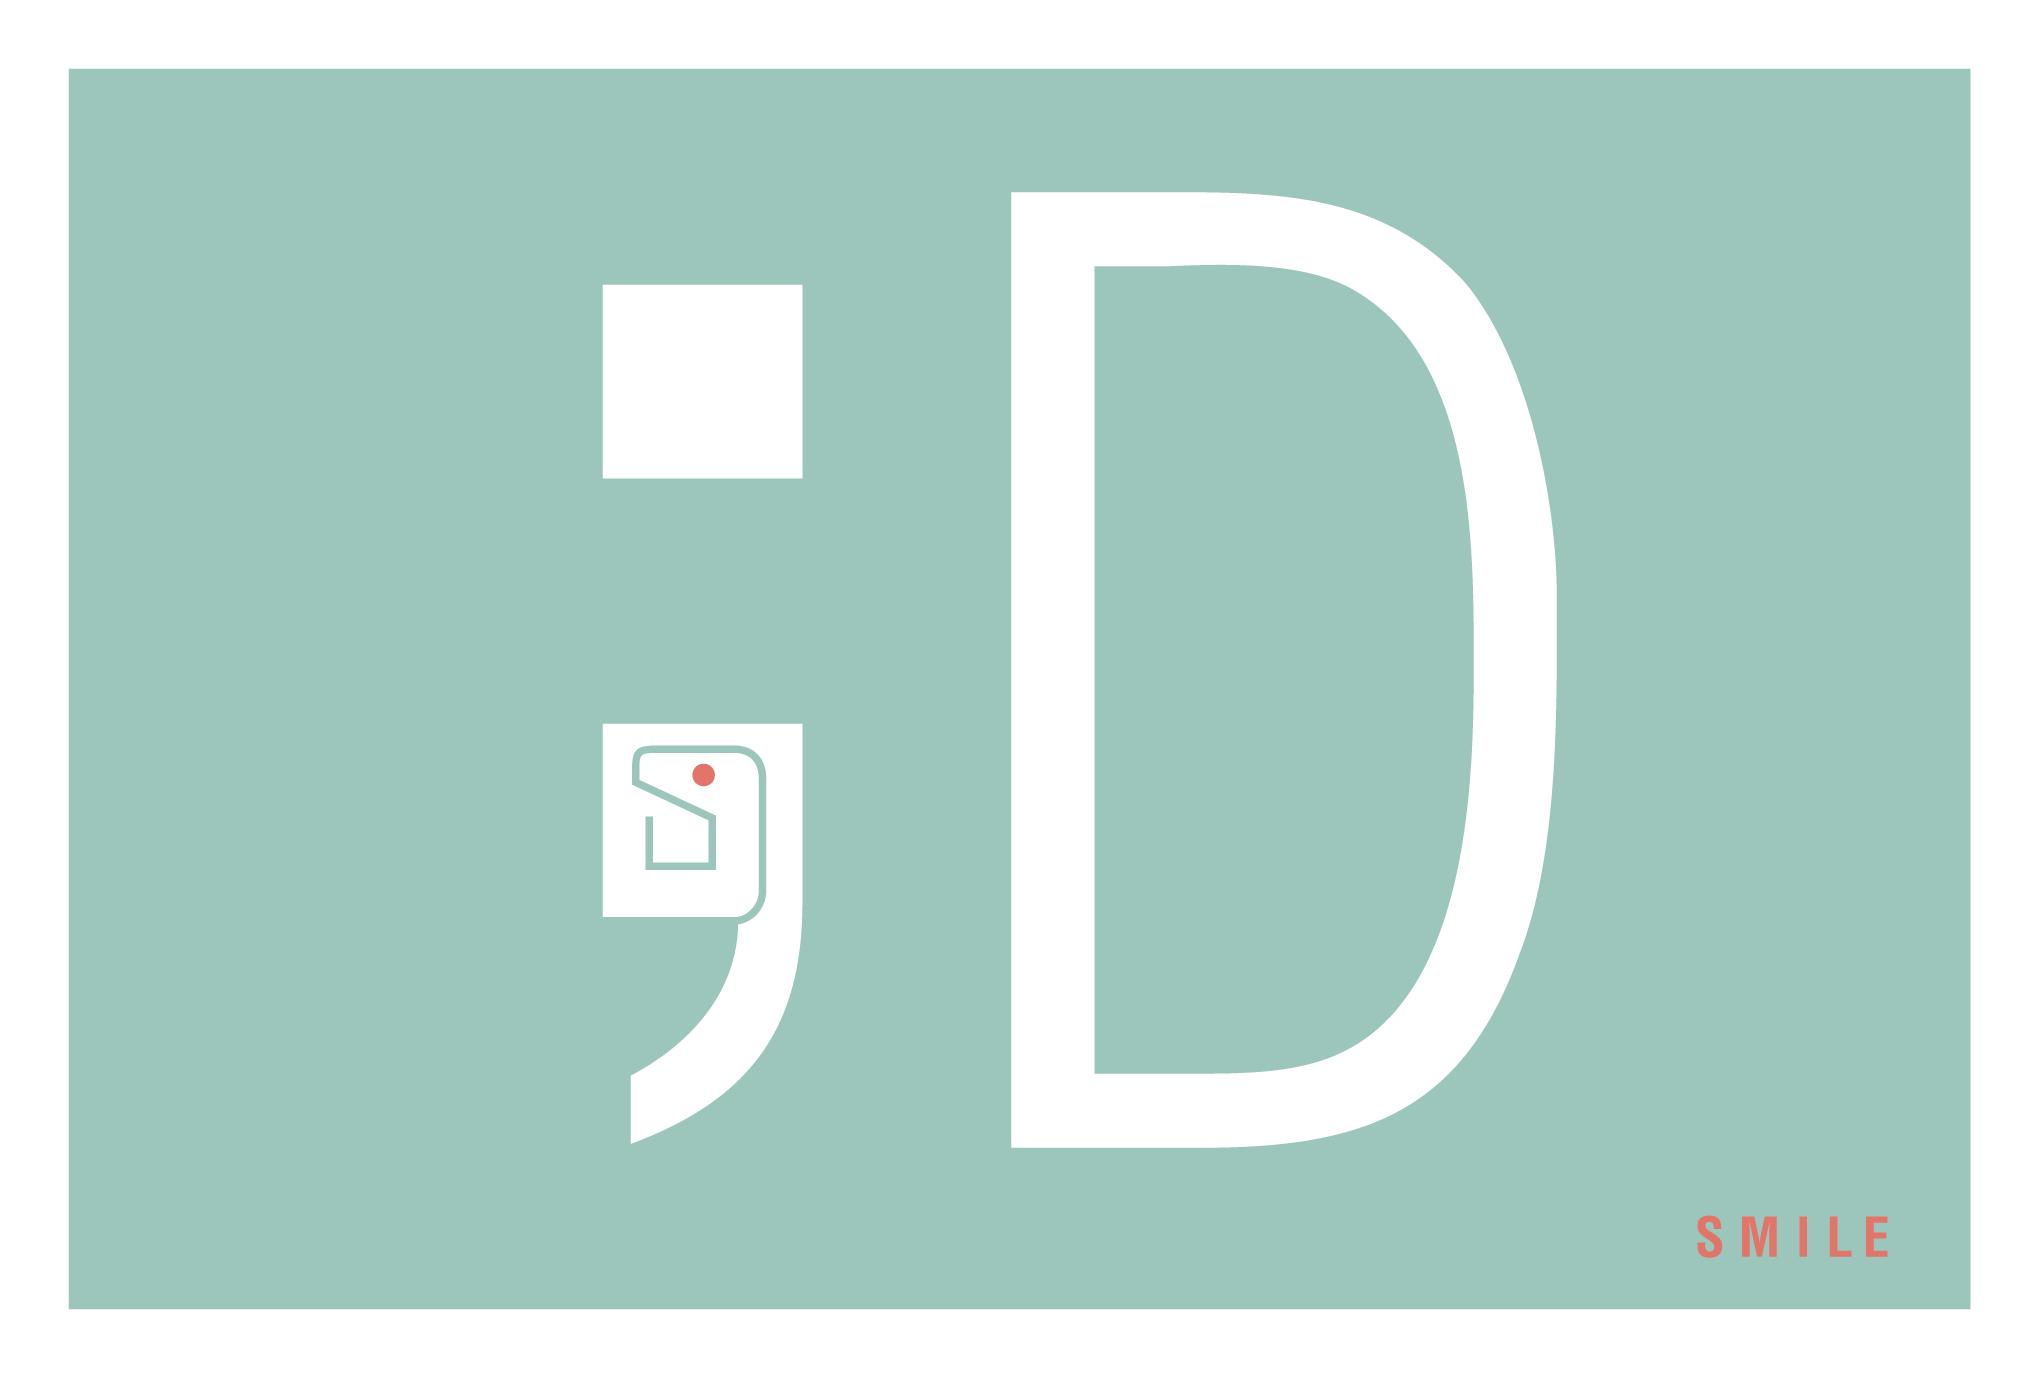 2013年賀状17-3:SMILE ;D / 3のダウンロード画像